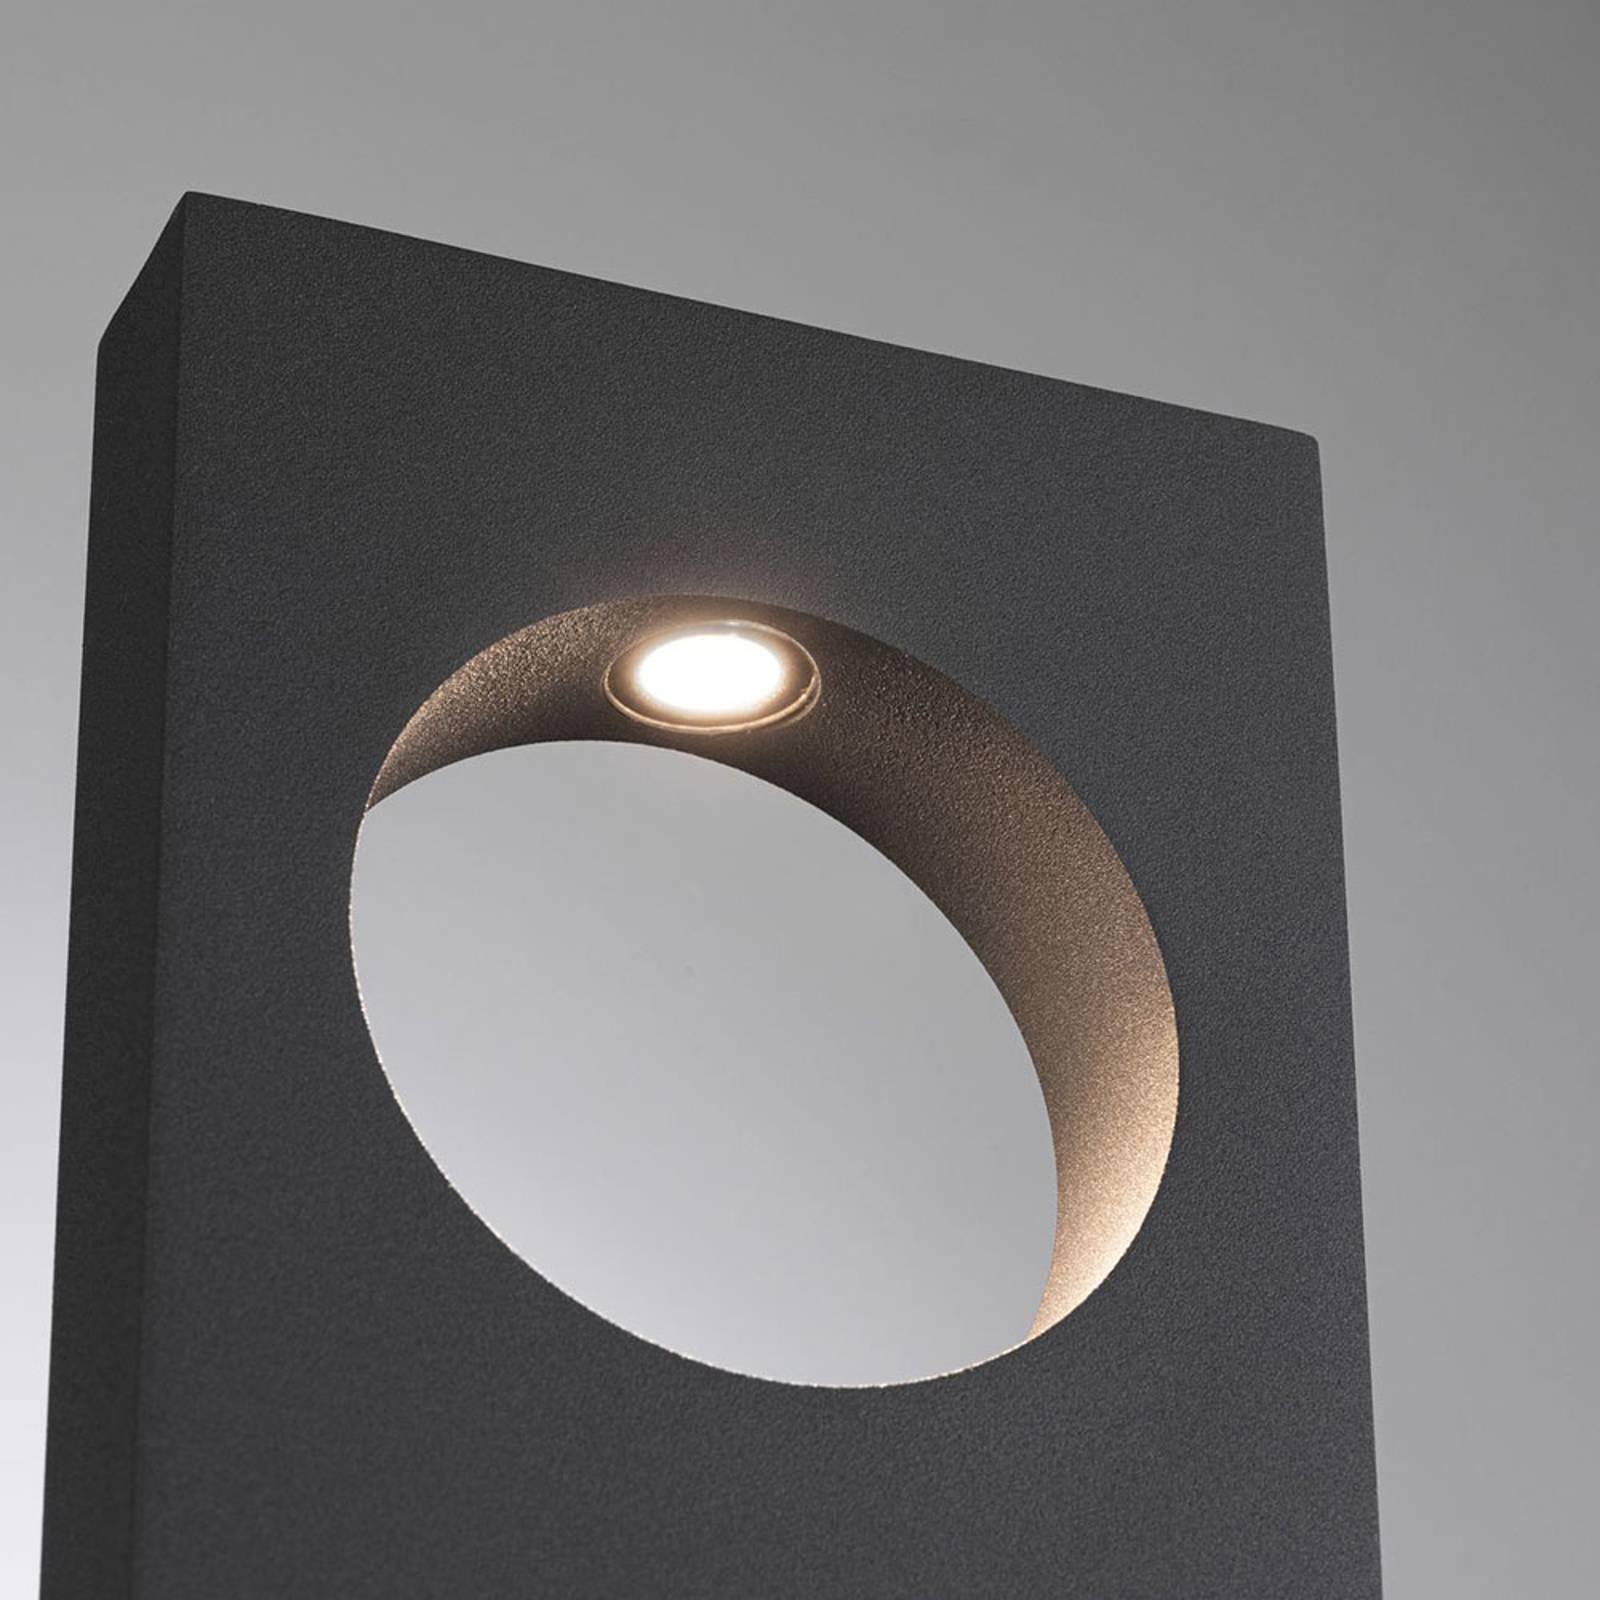 Paulmann Ivo LED-Wegeleuchte, 230V